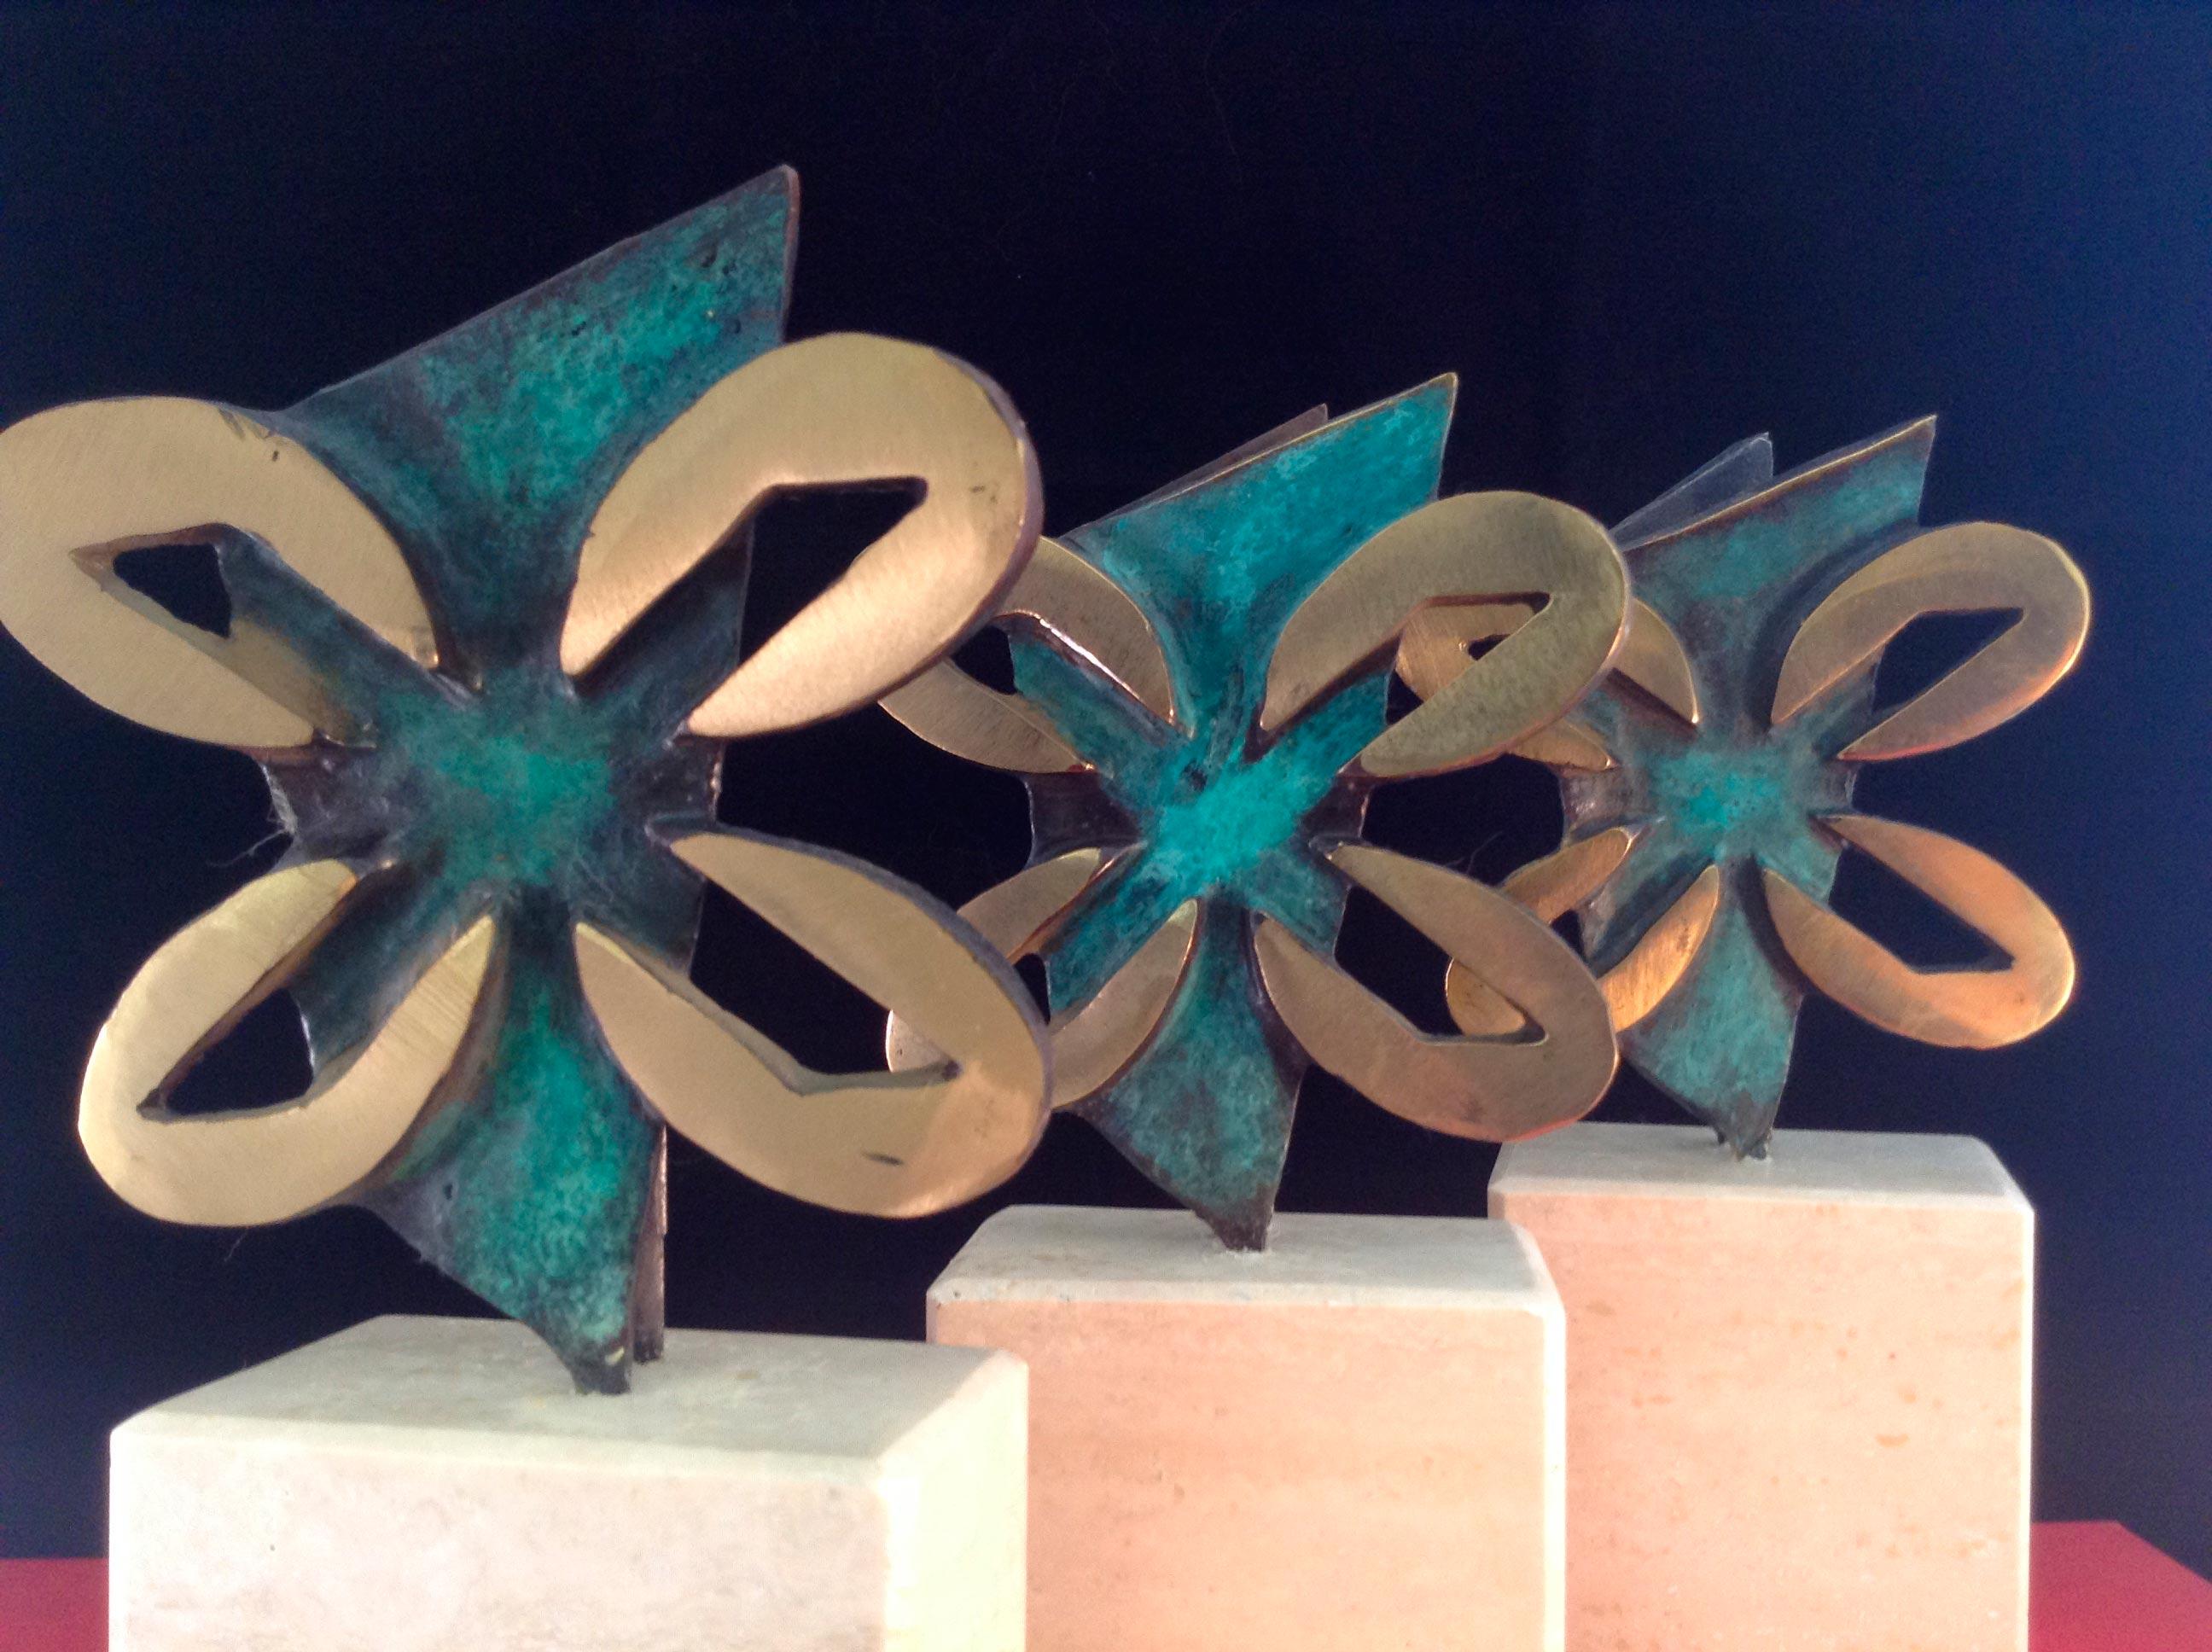 Case cen obras concorren a gañar os Premios Xerais 2019